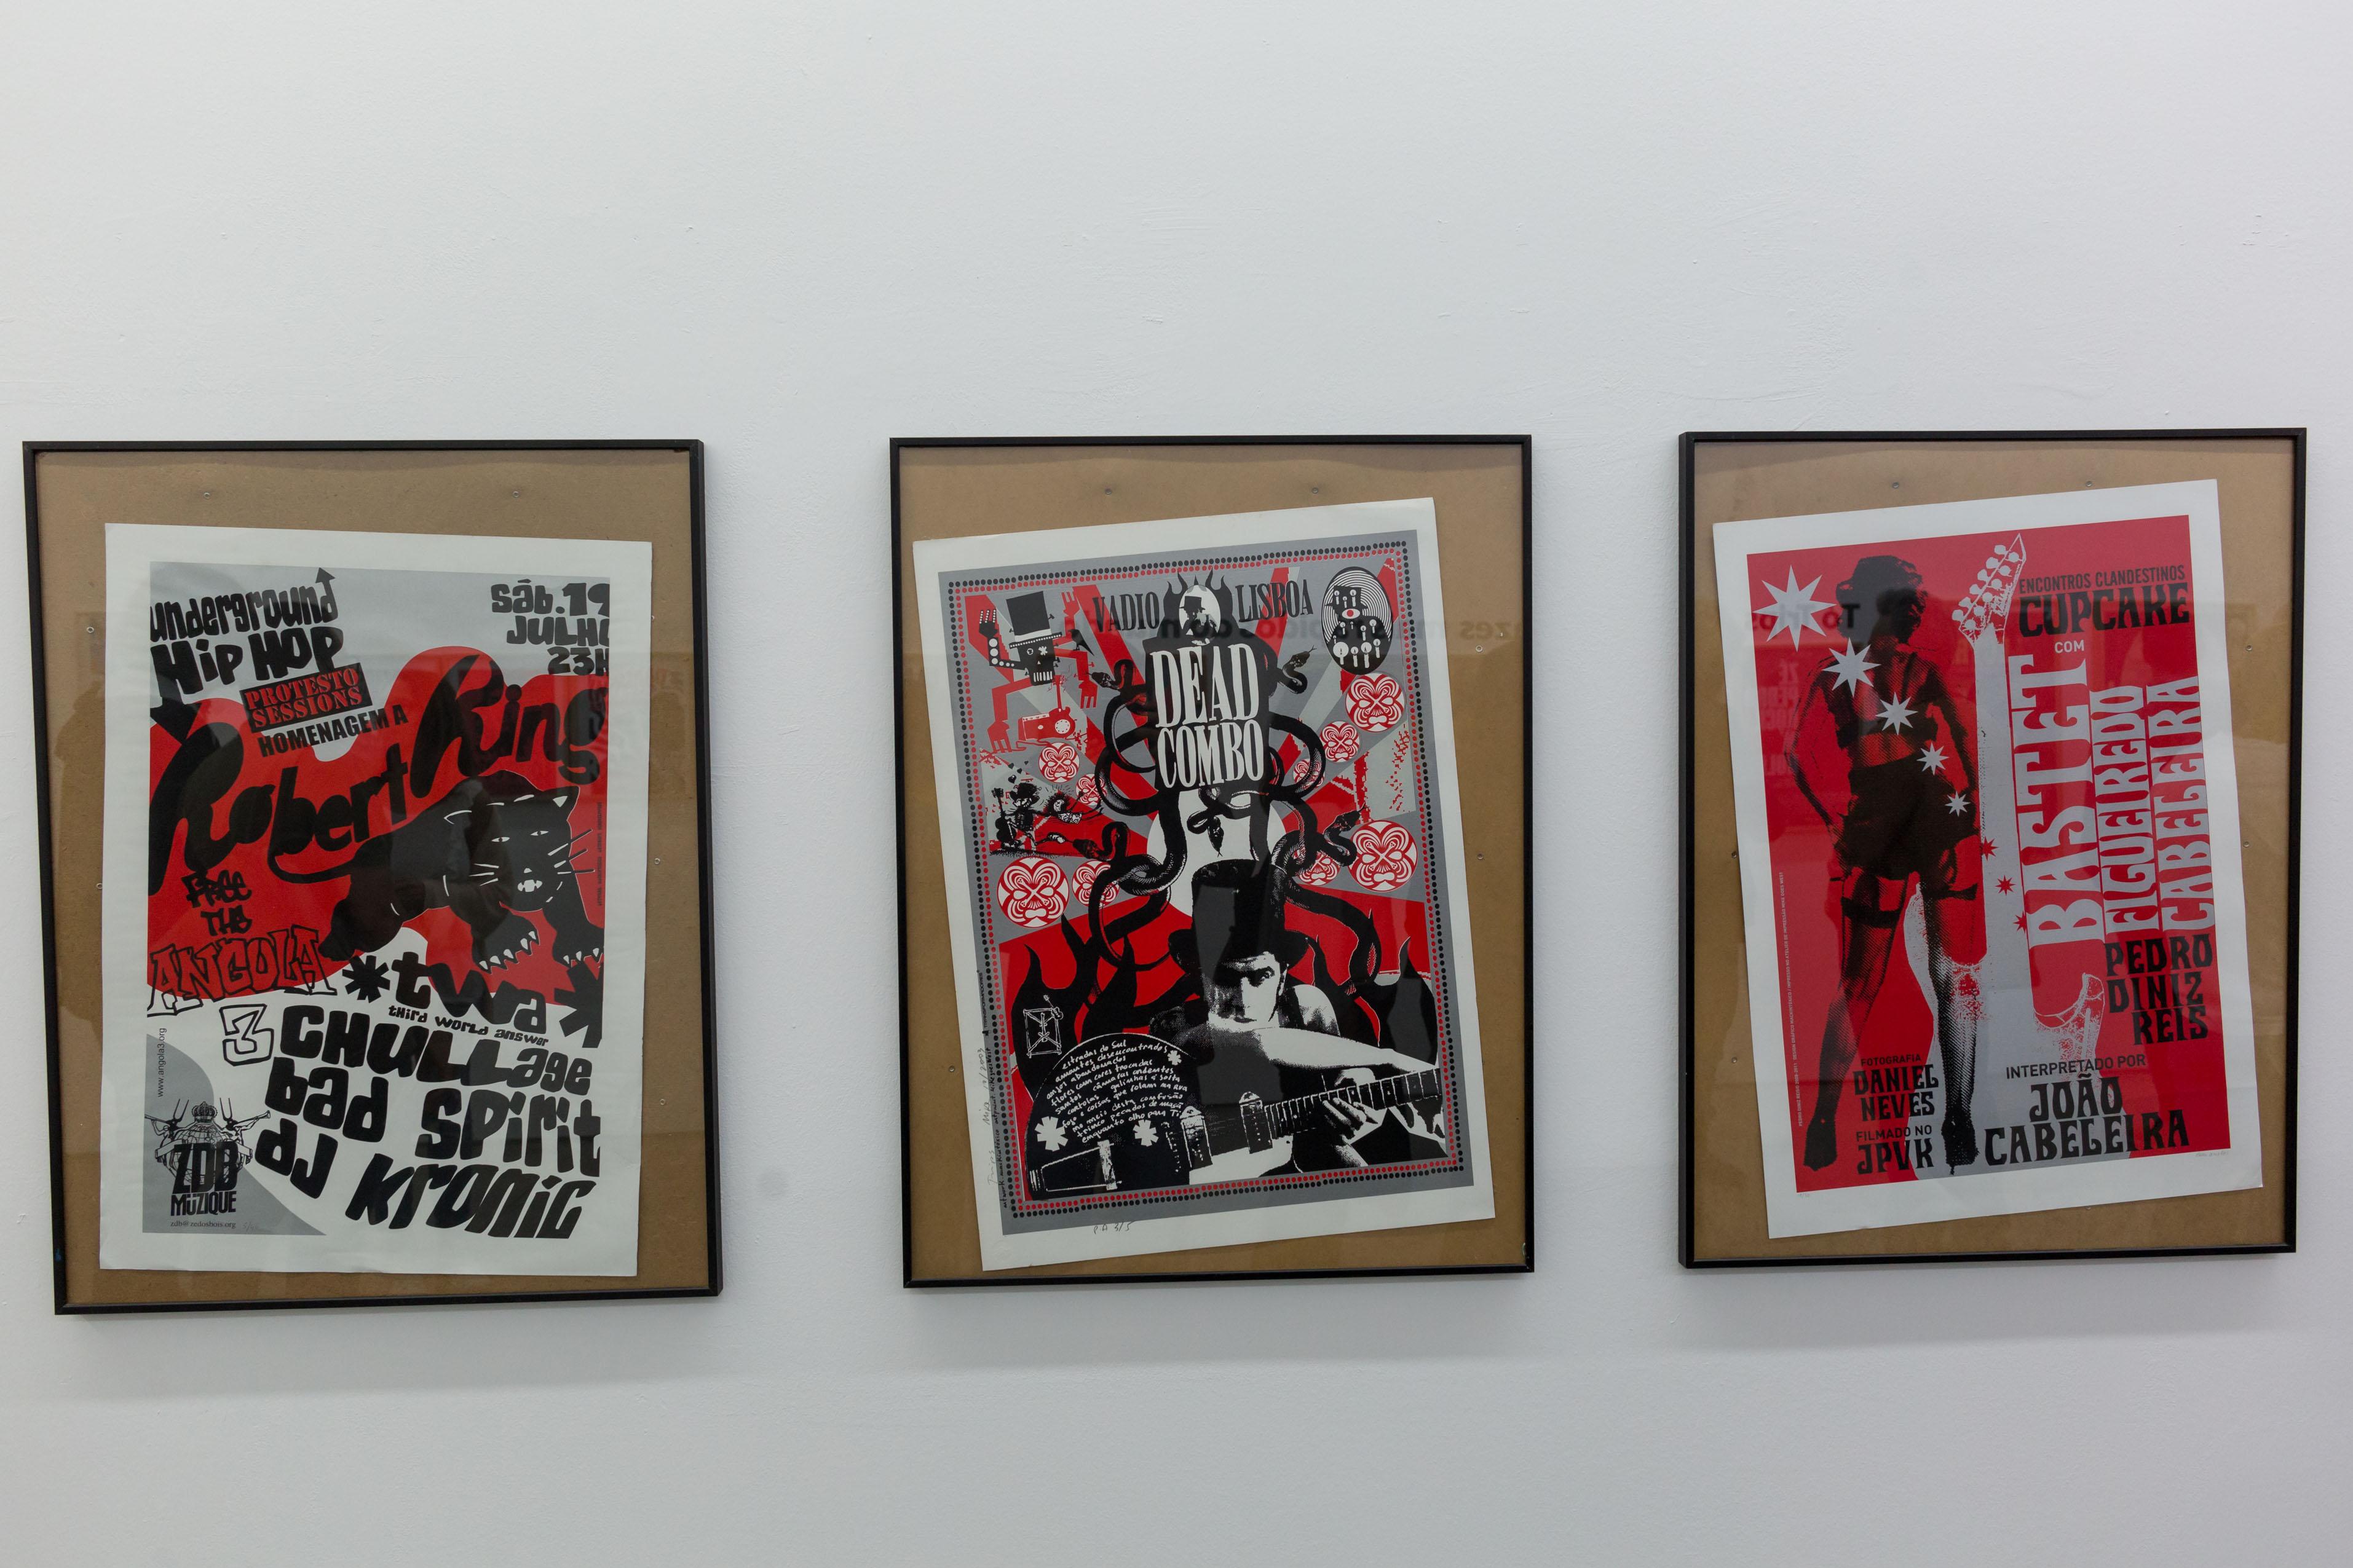 Exposição Eram os Cartazes Mais Rápidos do Mundo